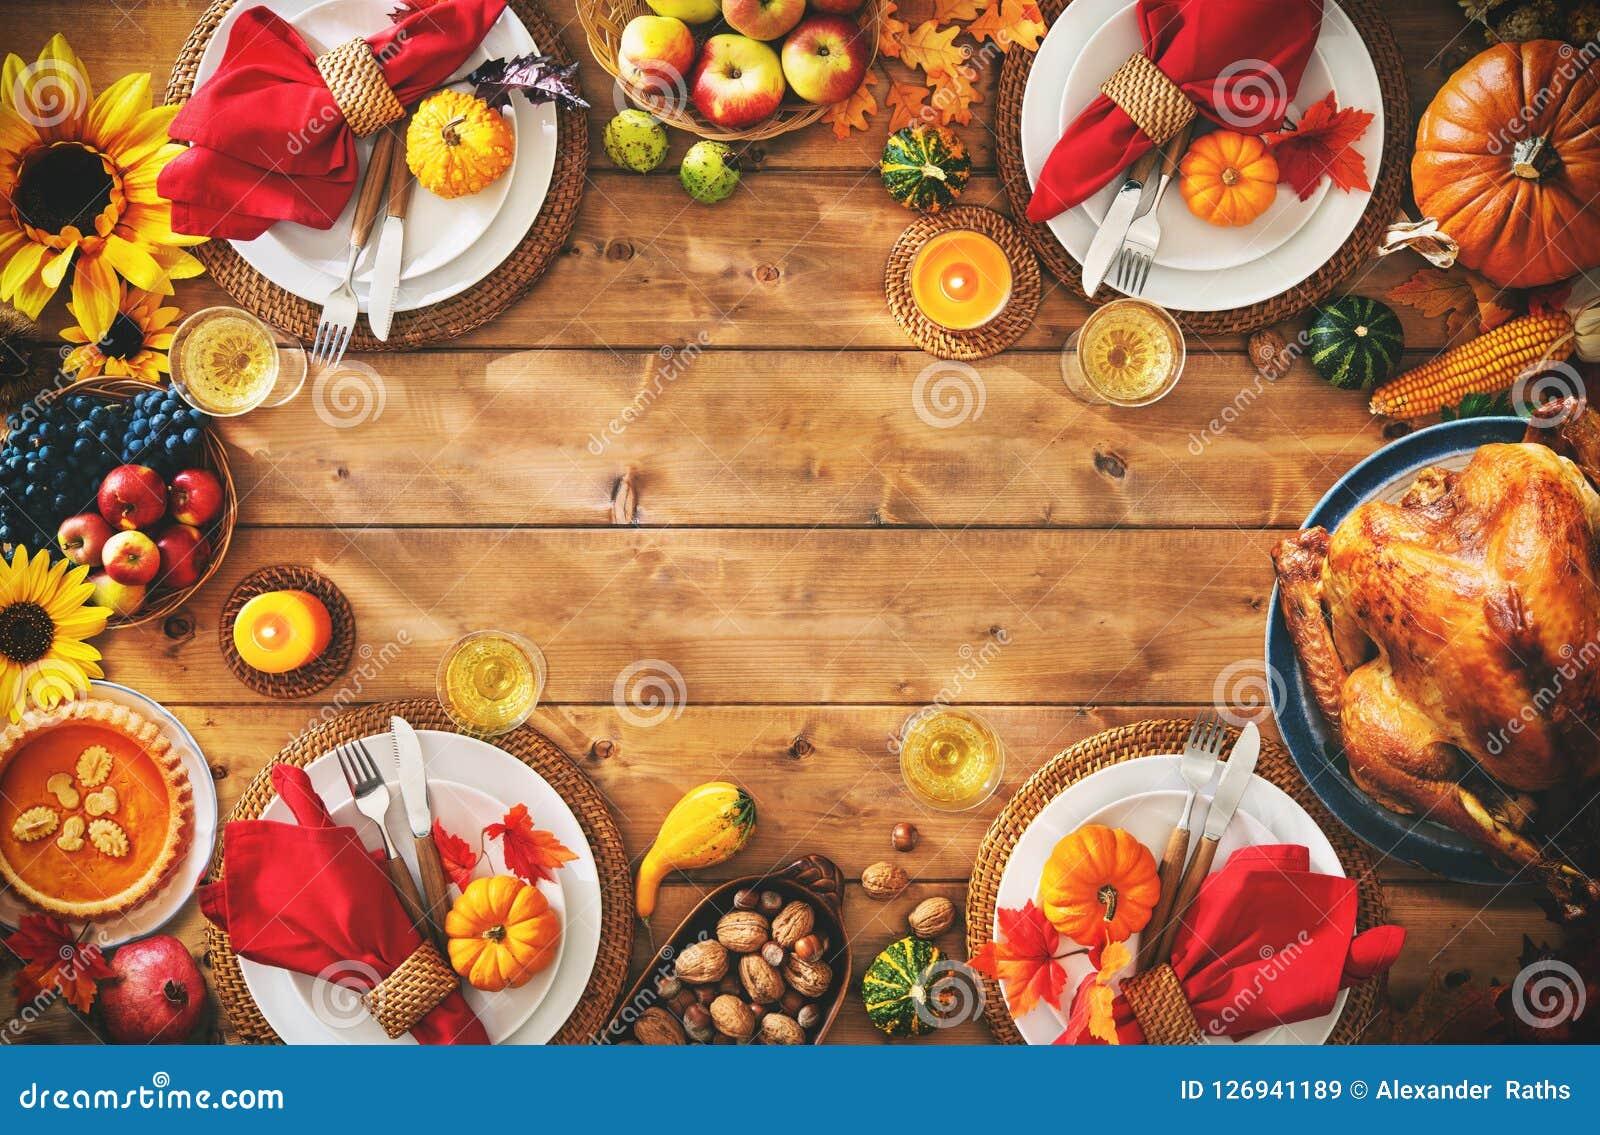 Dziękczynienia świętowania położenia posiłku tradycyjny obiadowy pojęcie